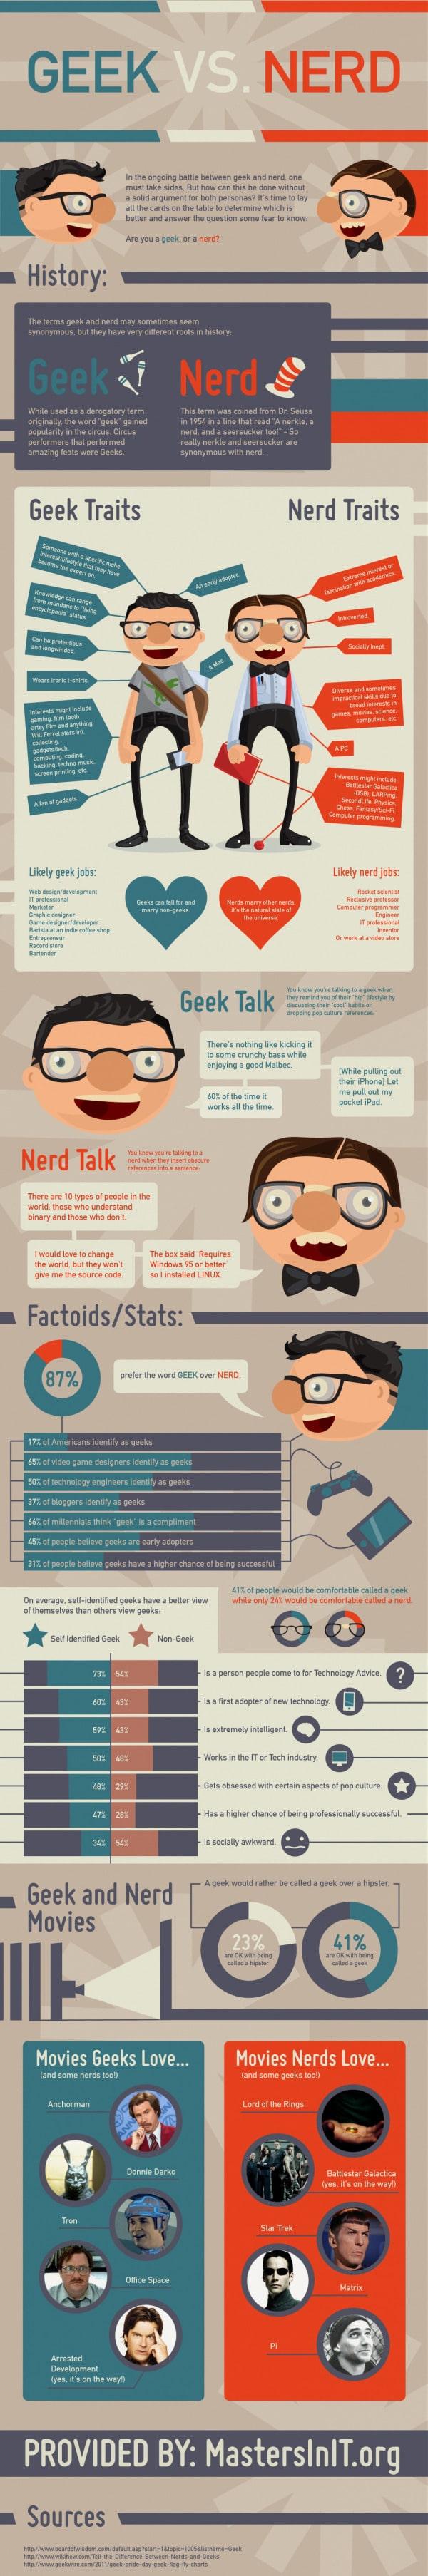 Geek vs. Nerd: Factoids & Stats [Infographic]